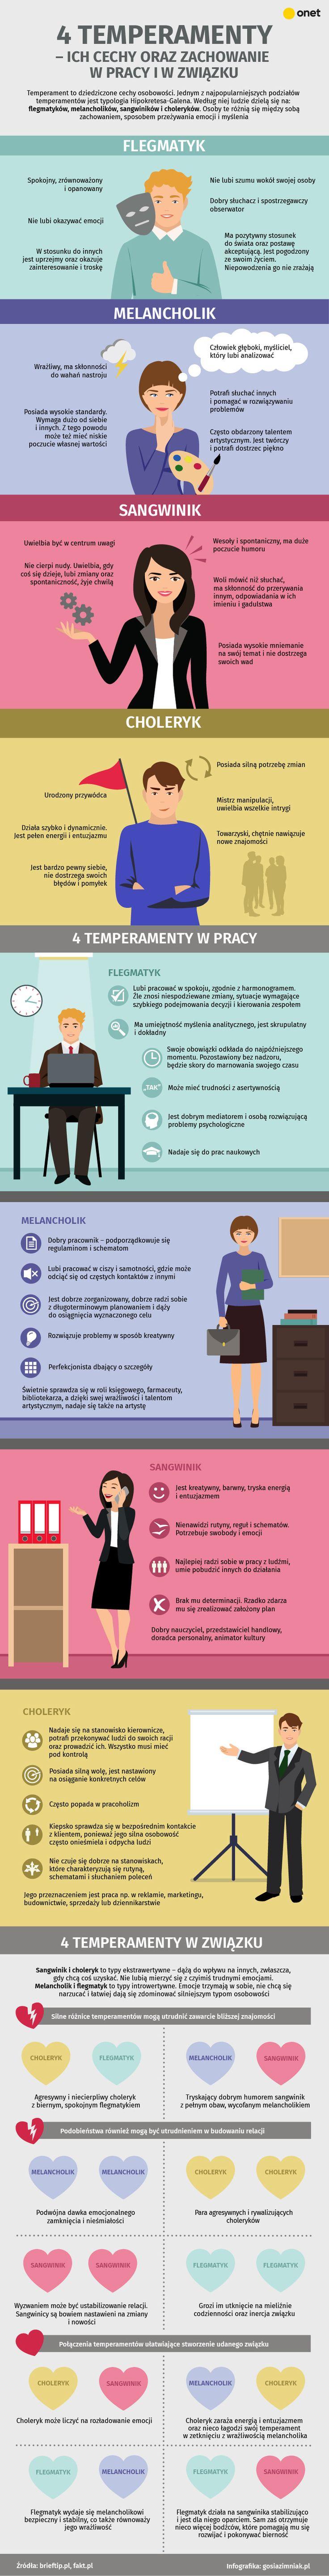 Jak twój temperament wpływa na związki i pracę? Sprawdź to! [INFOGRAFIKA] - Kobieta